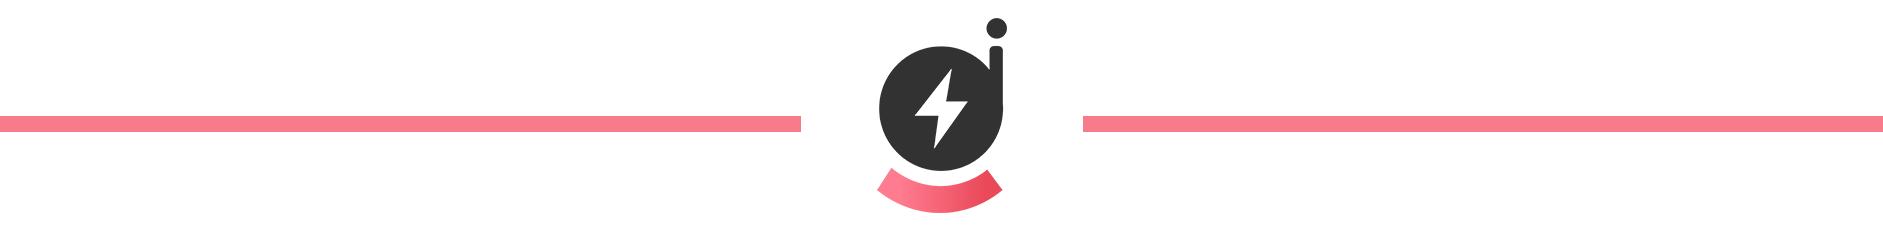 小爱logo分割线